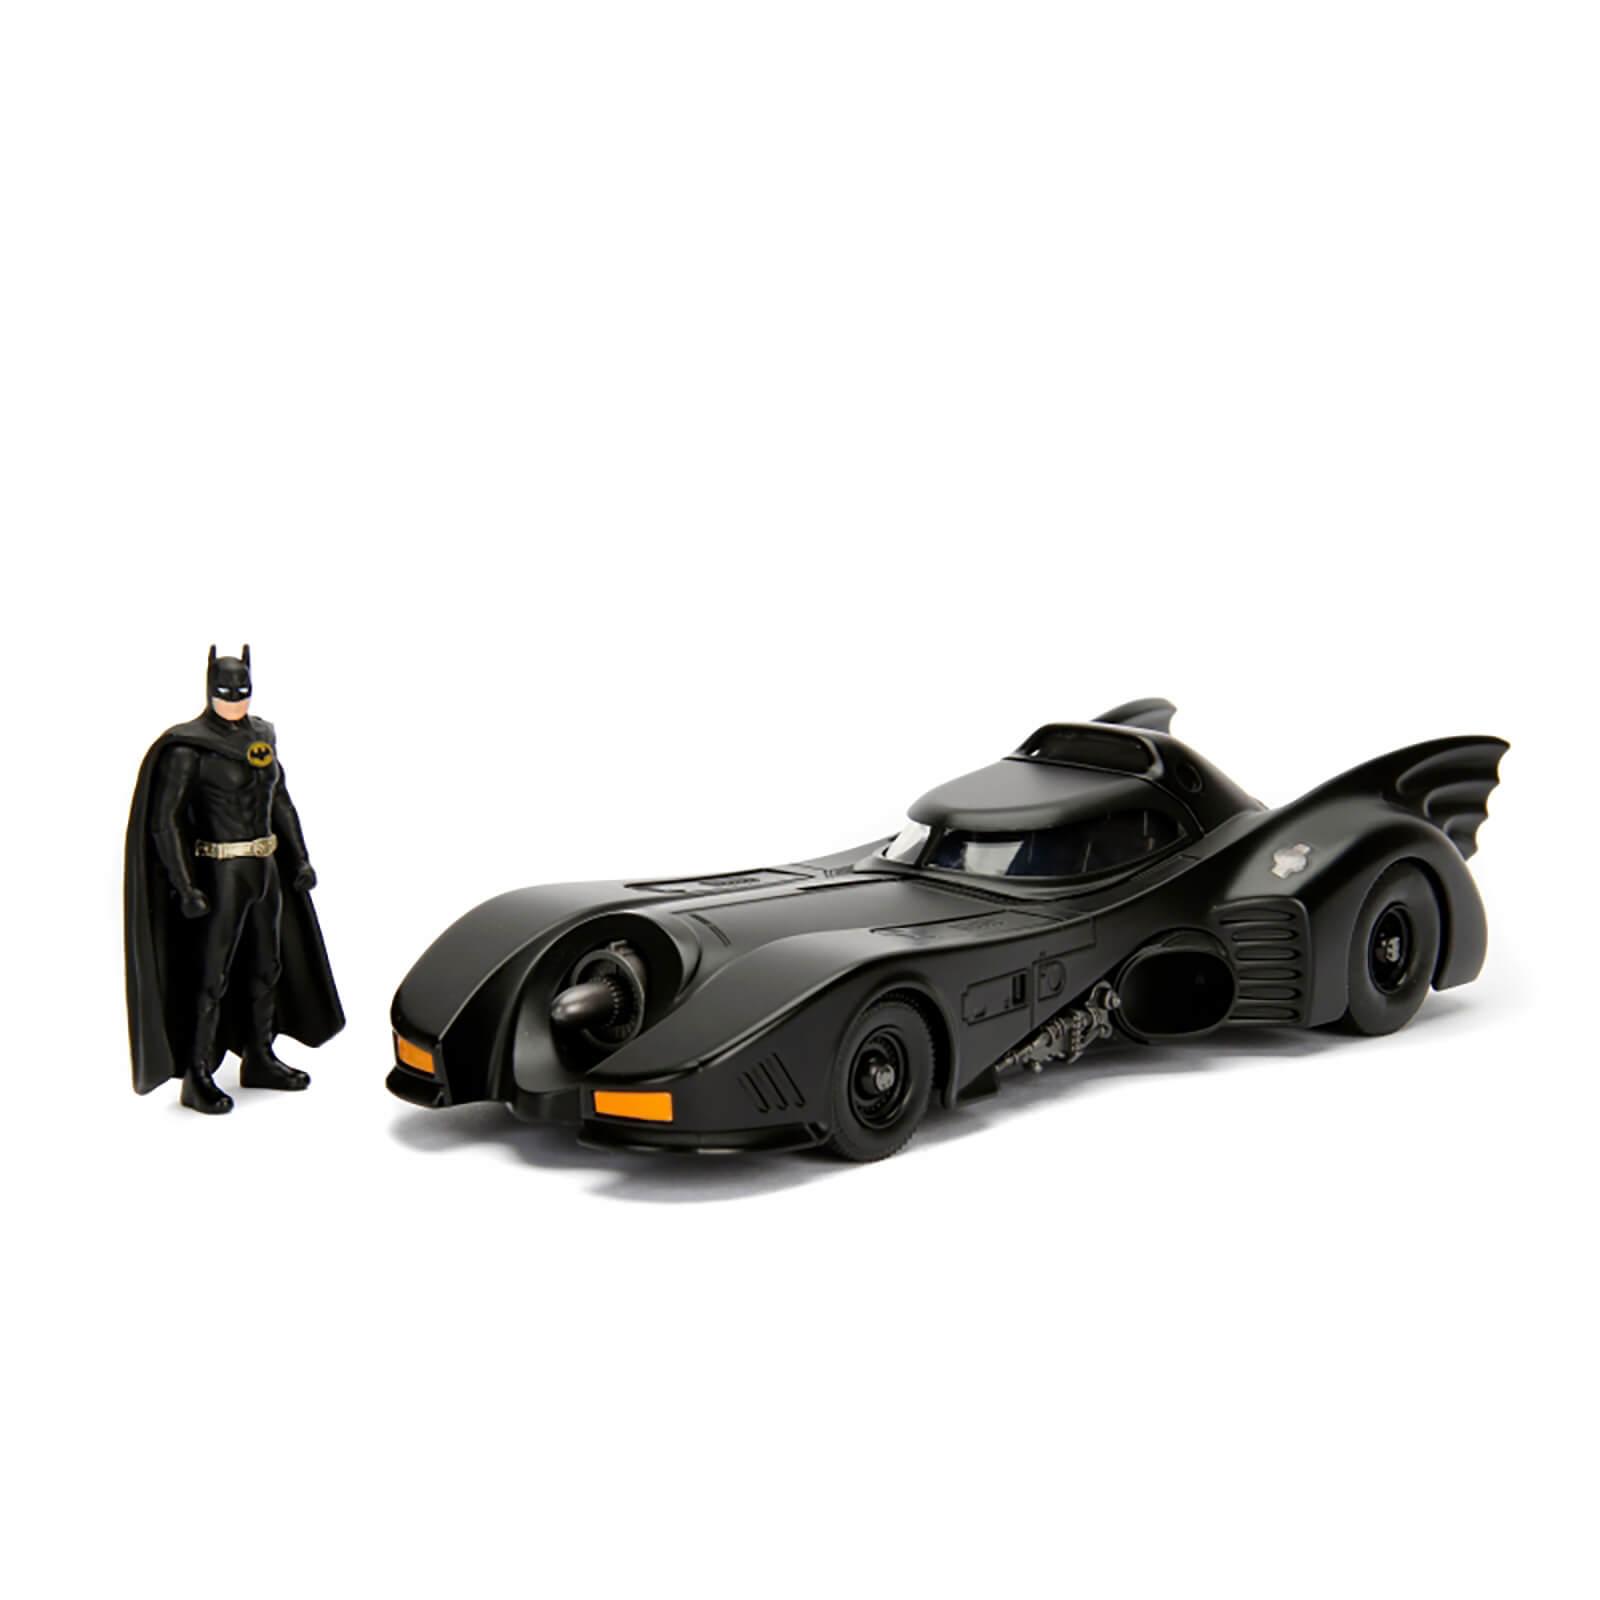 Modellino pressofuso 1:24 della Batmobile 1989 con Batman pressofuso - Jada